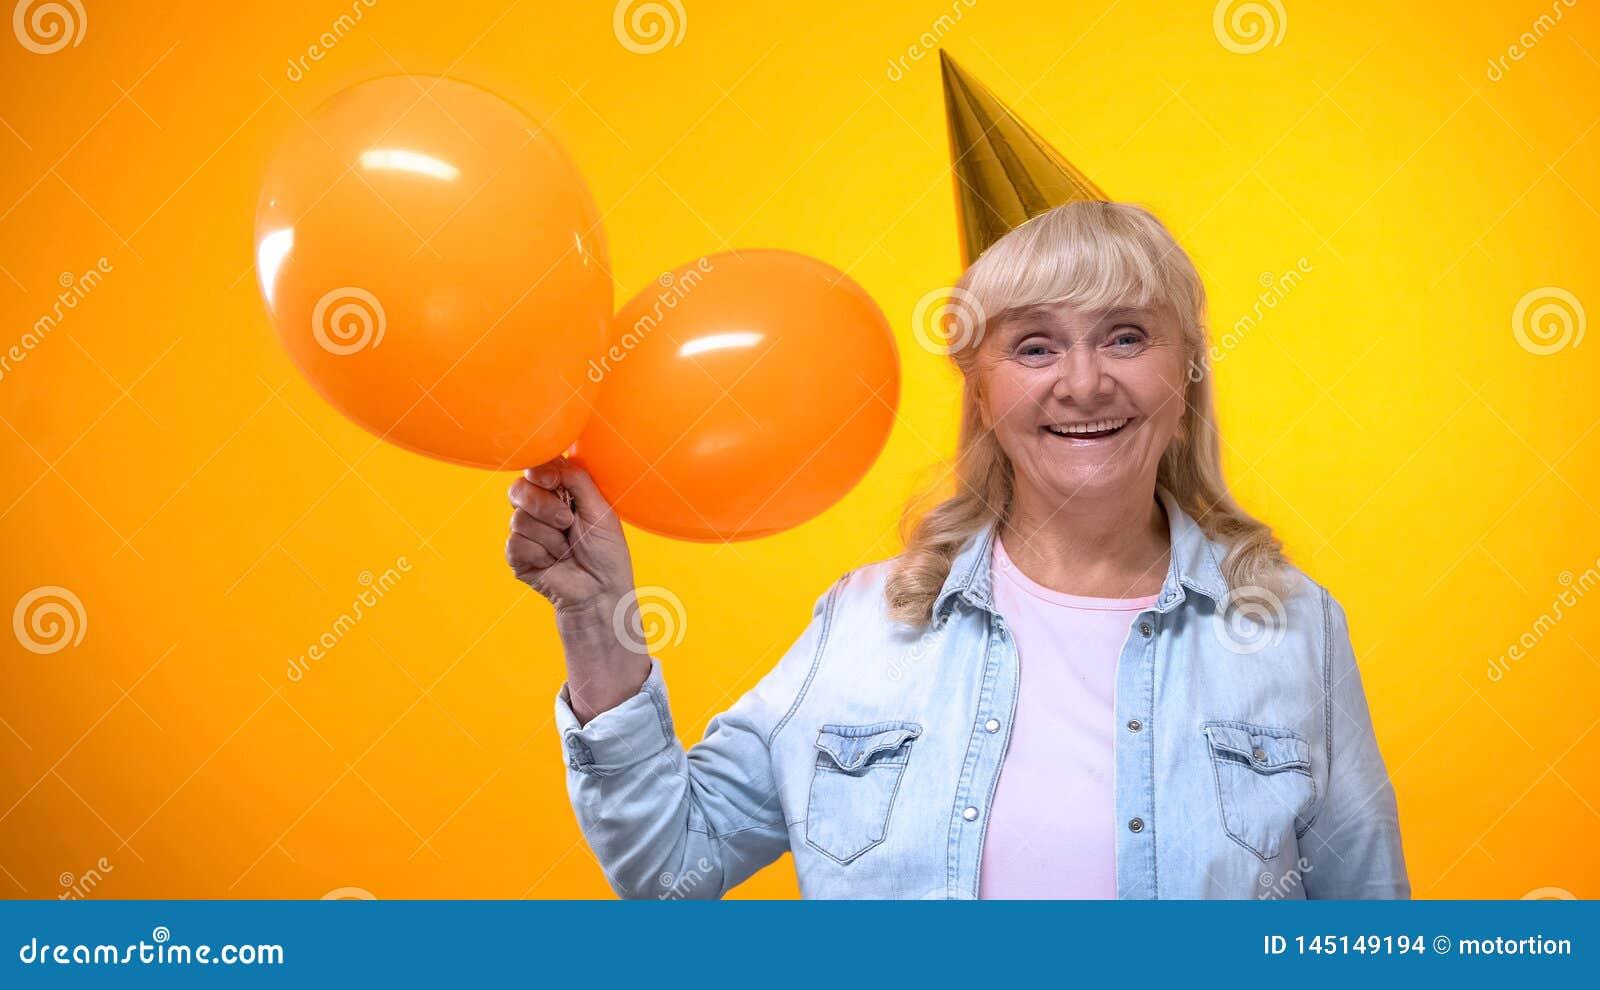 Szczęśliwy uśmiechnięty starszy damy mienie szybko się zwiększać na żółtym tle, rocznica